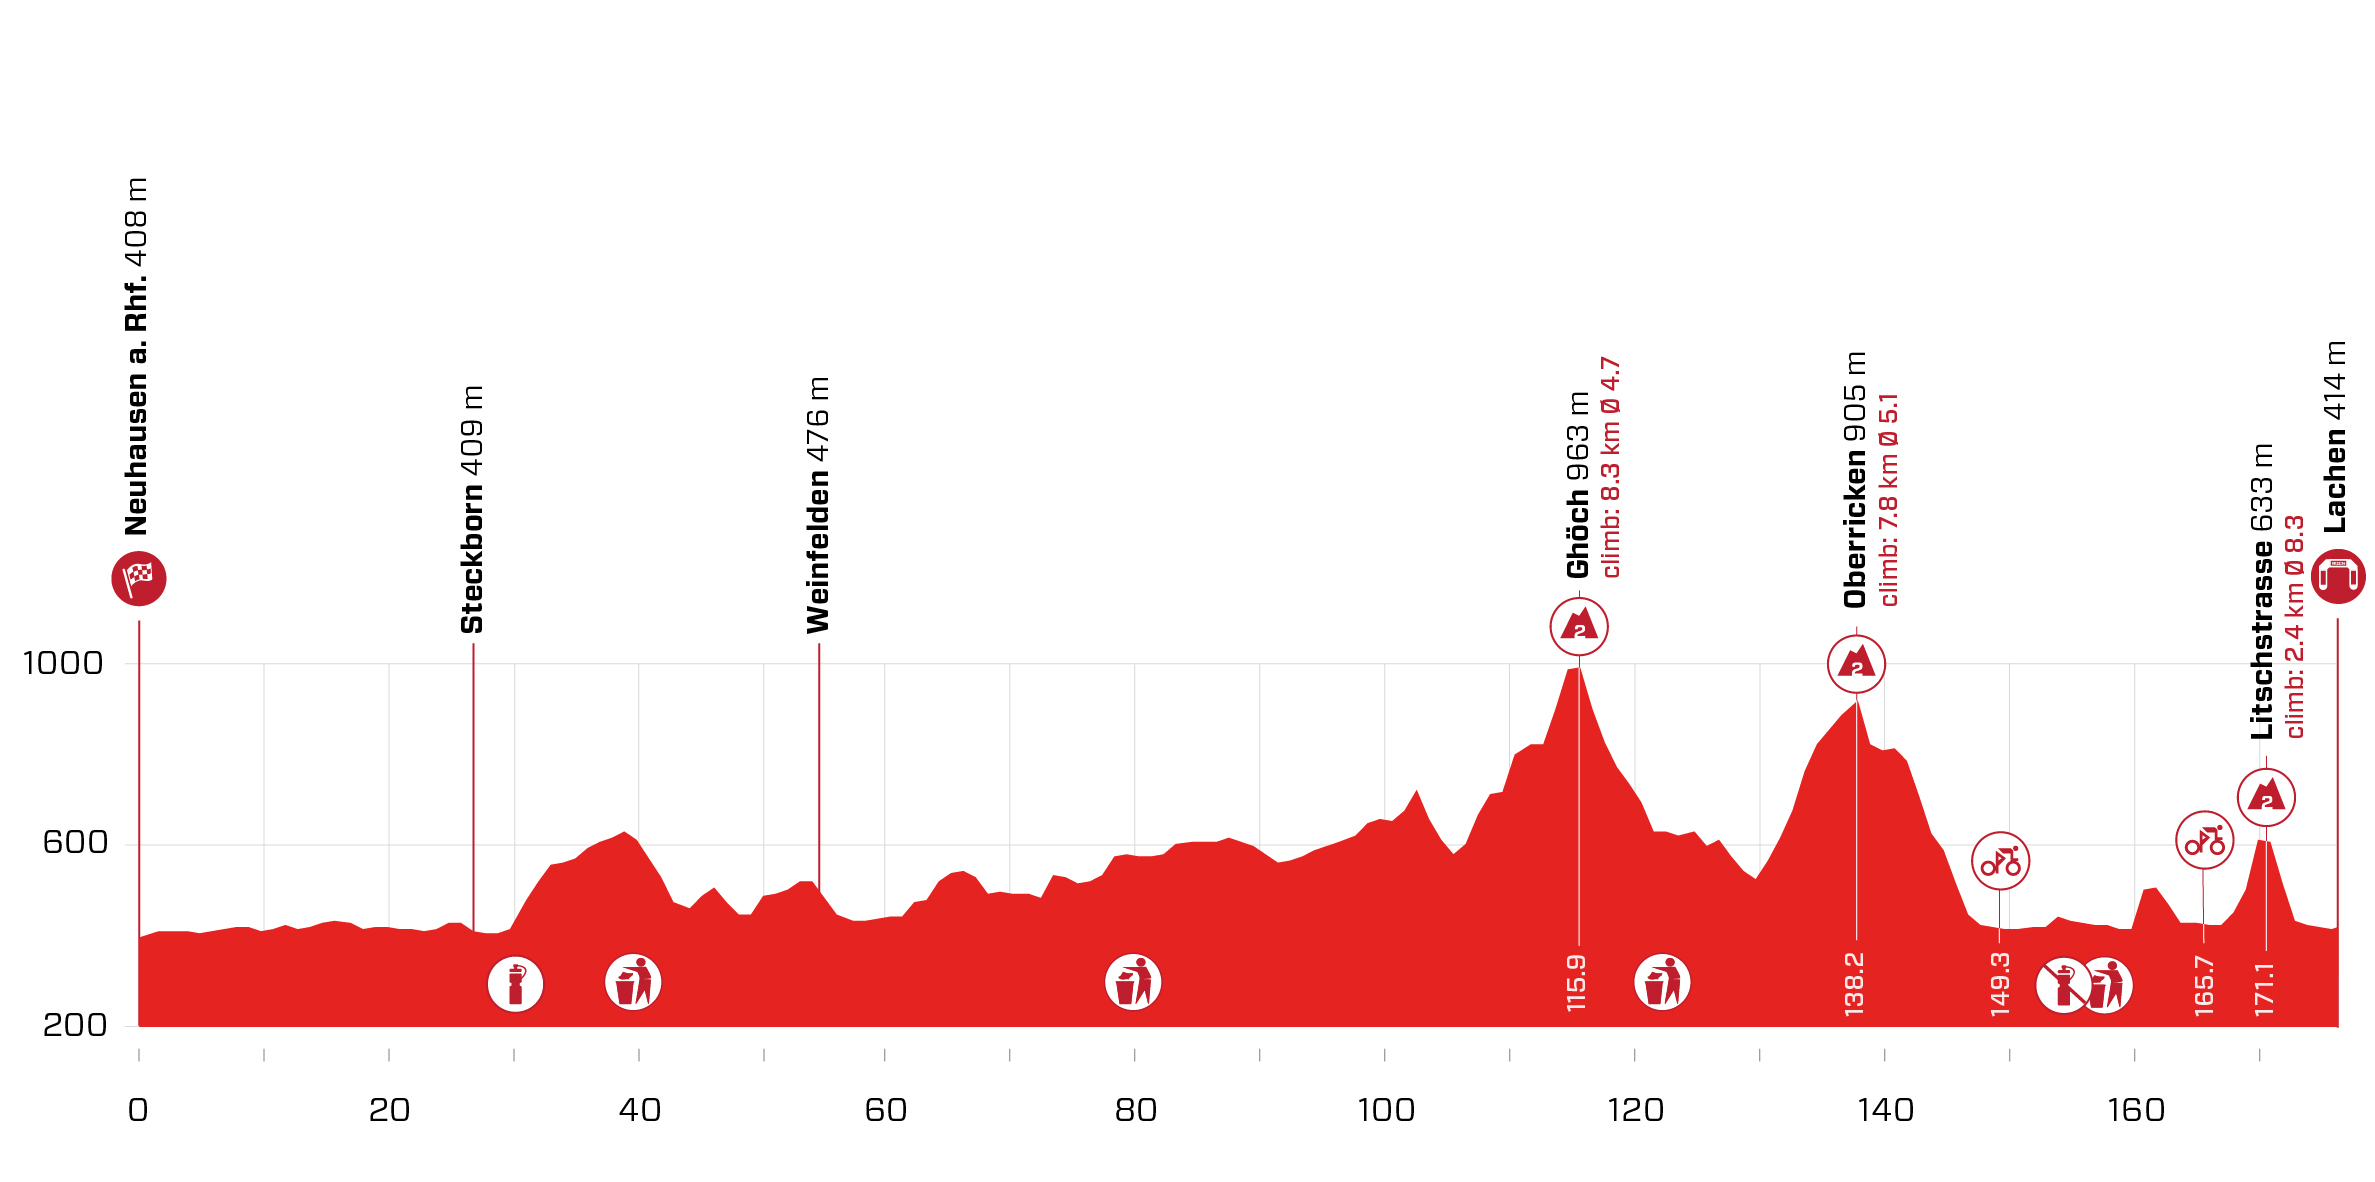 Stage 2 profile 2021 Tour de Suisse